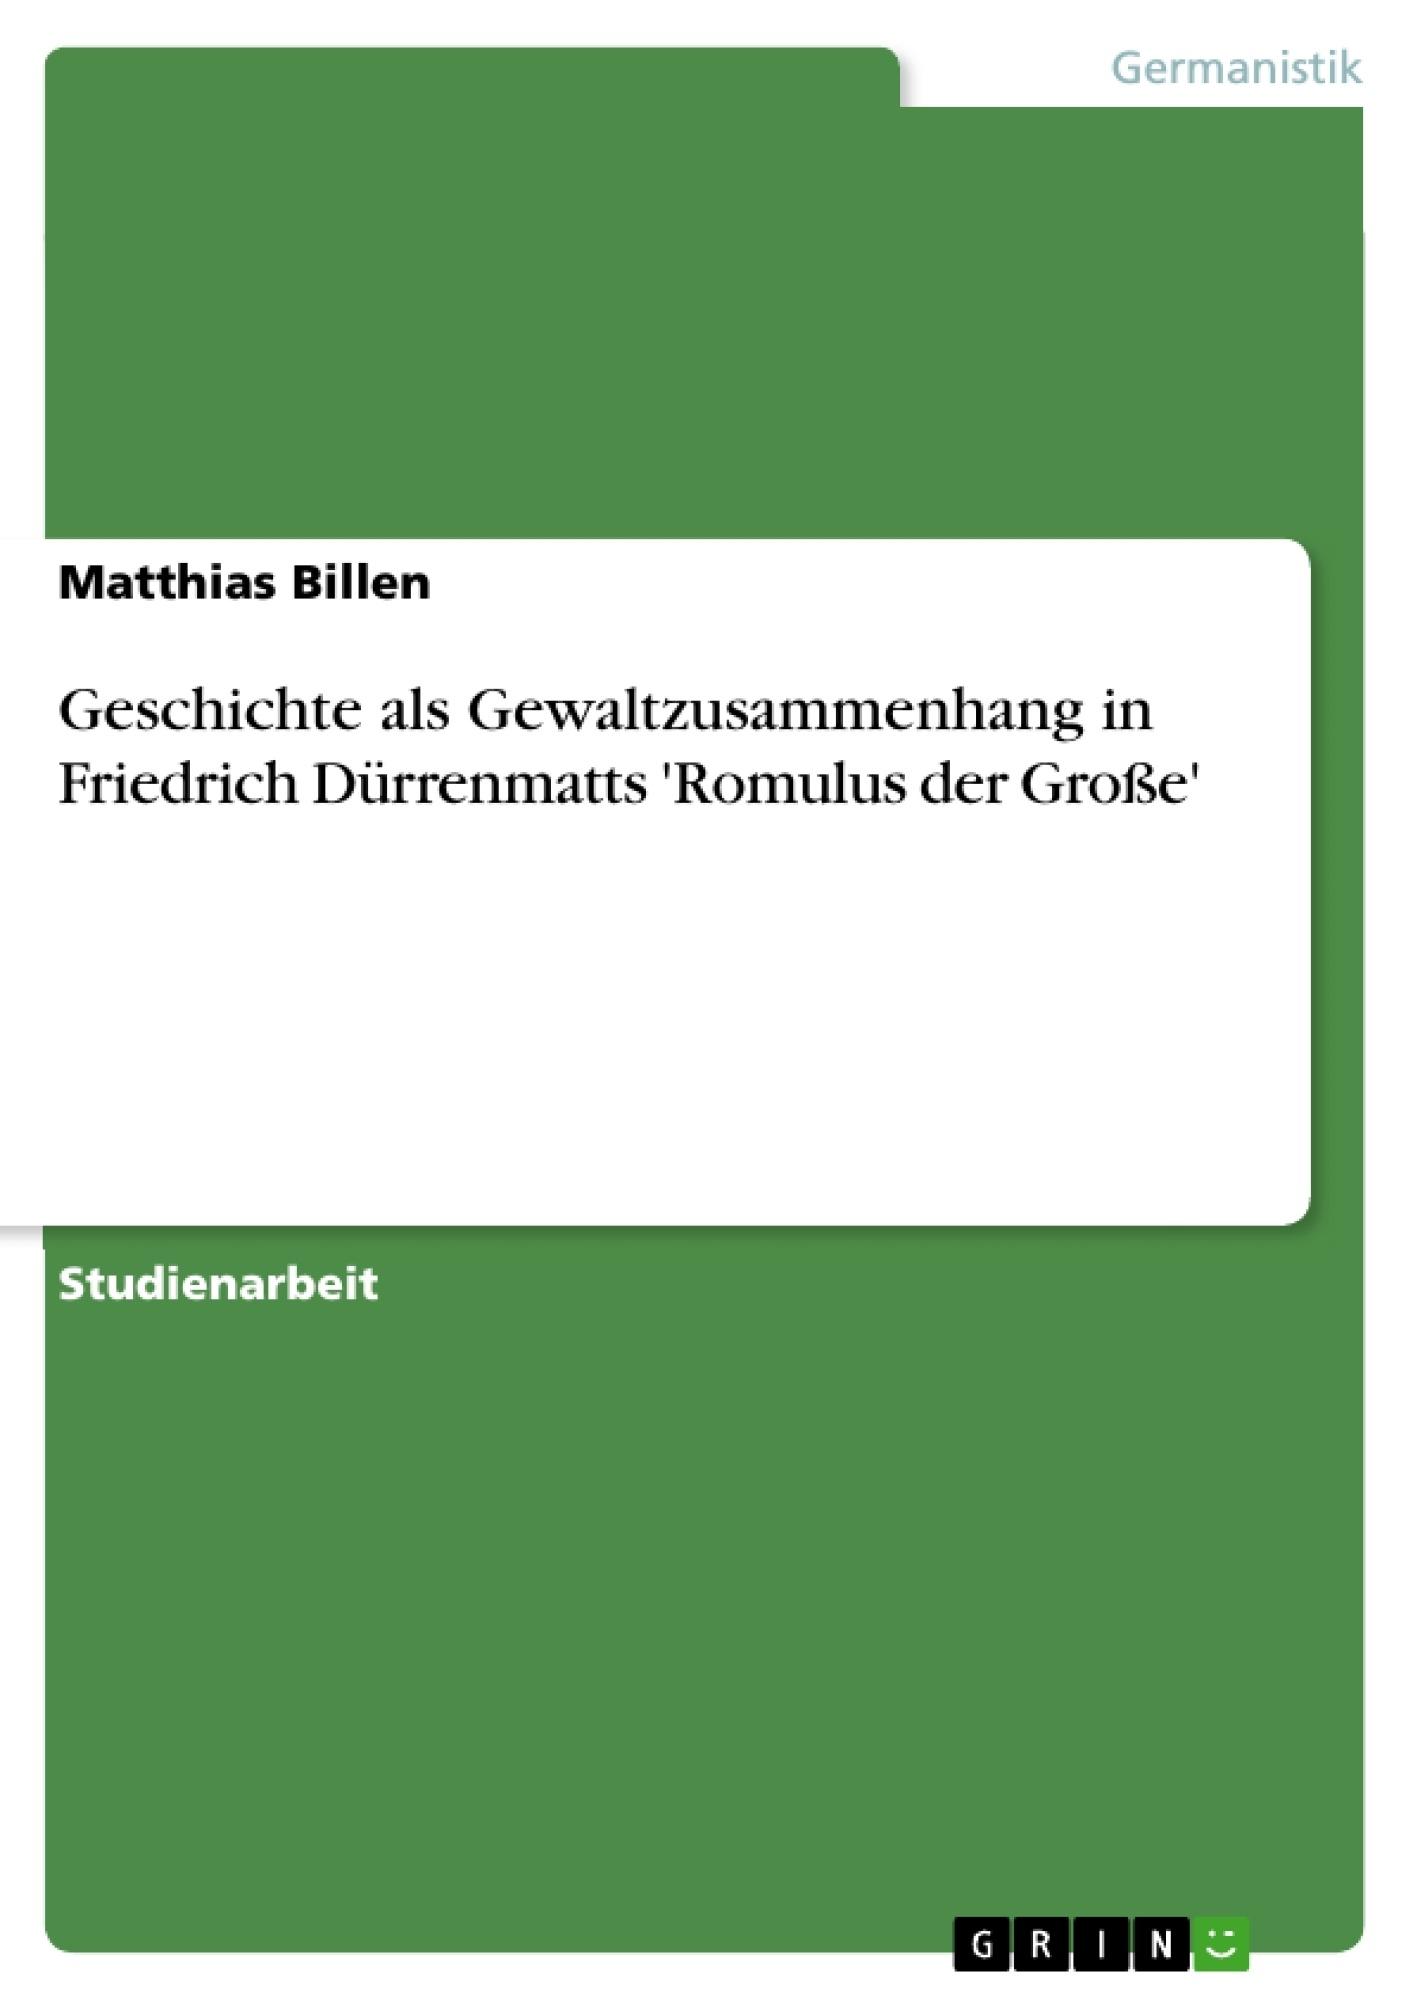 Titel: Geschichte als Gewaltzusammenhang in Friedrich Dürrenmatts 'Romulus der Große'